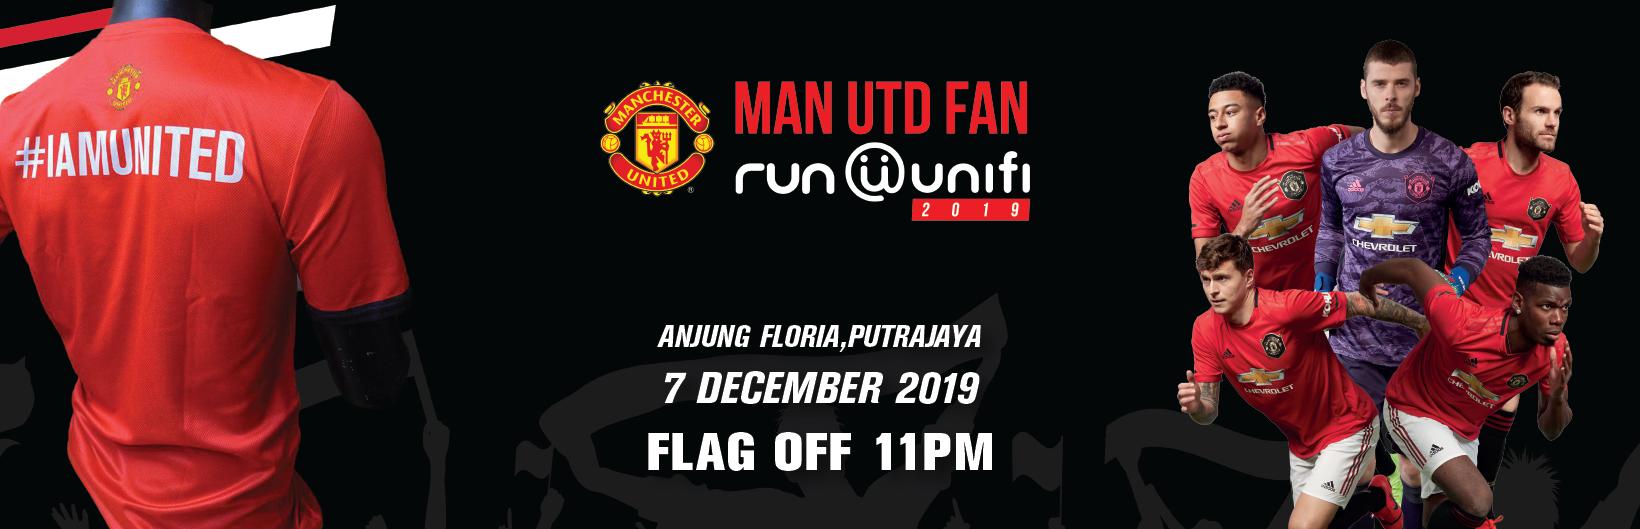 Image from Man Utd Fan Run @ unifi